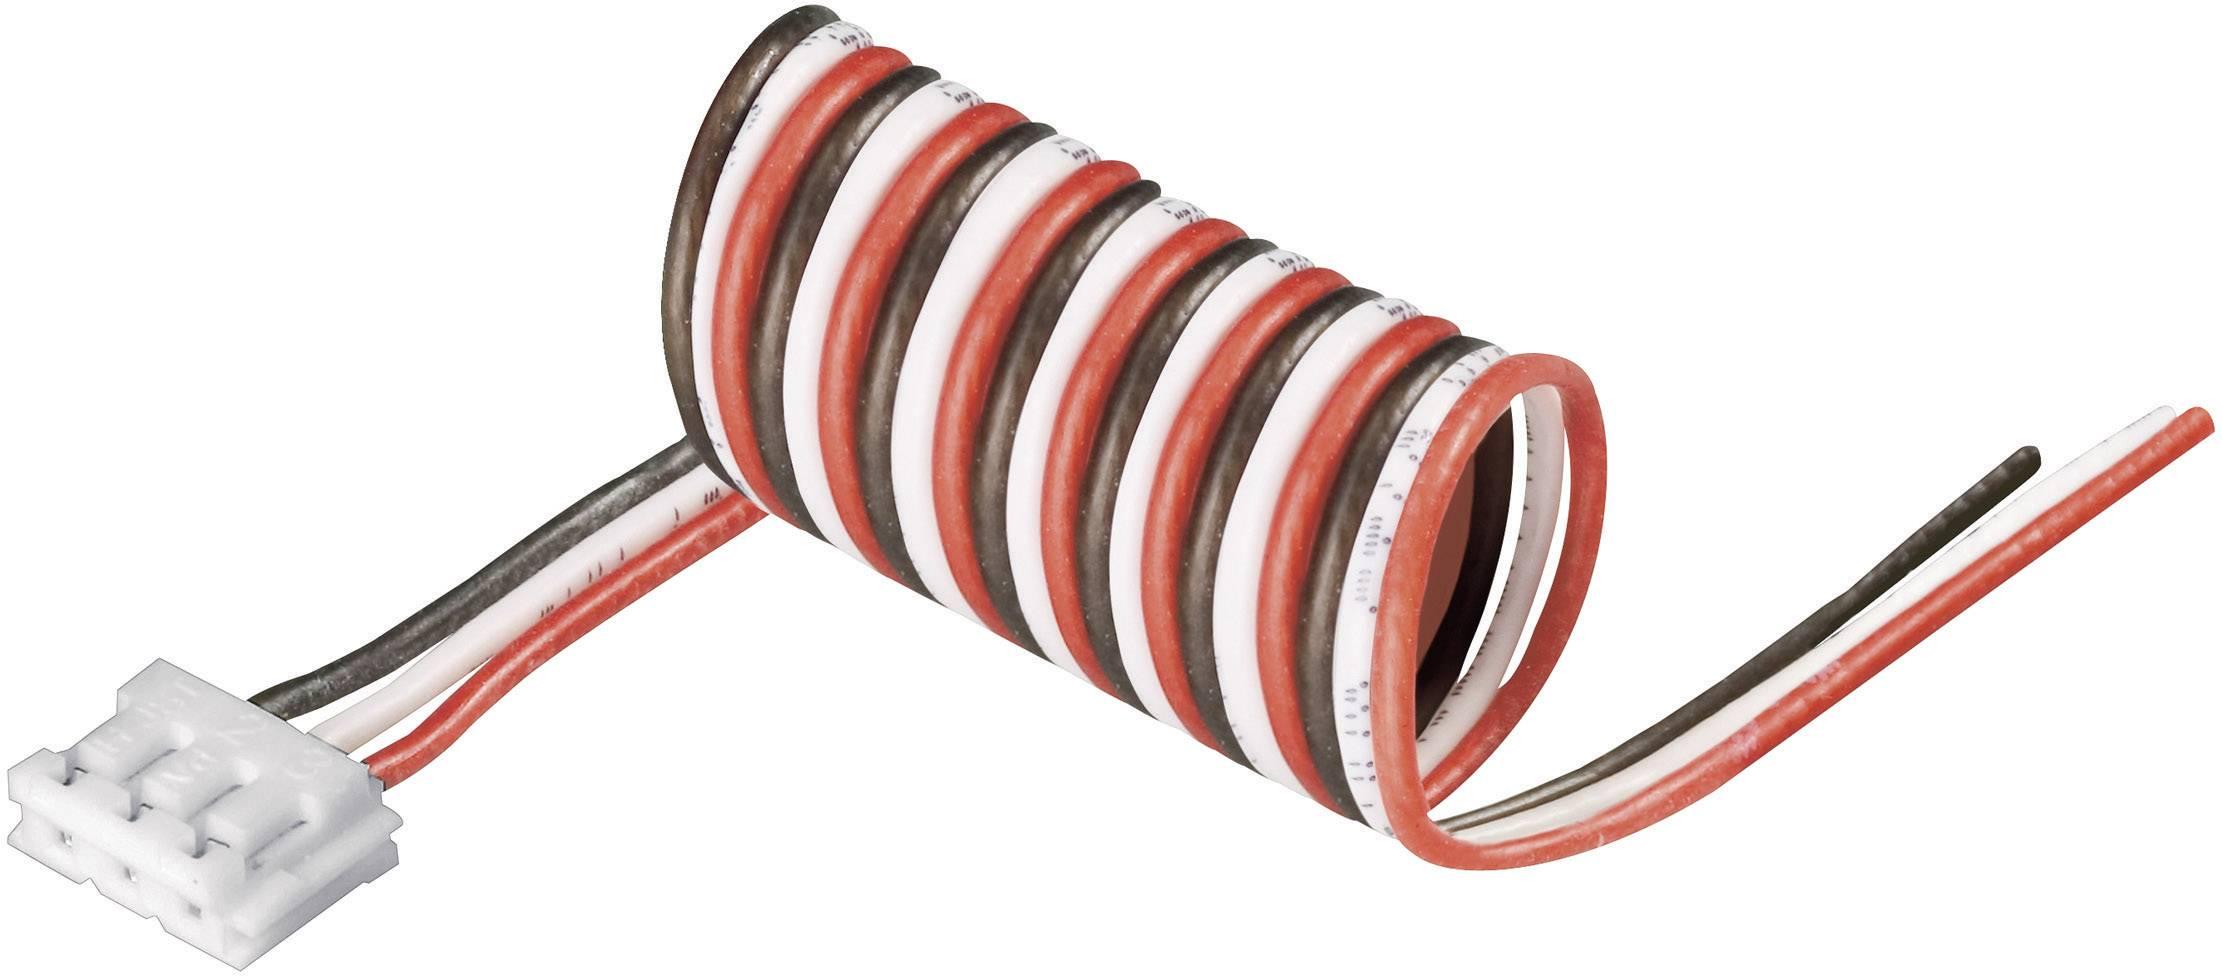 Připojovací kabel Modelcraft, pro 2 LiPol články, zásuvka EH